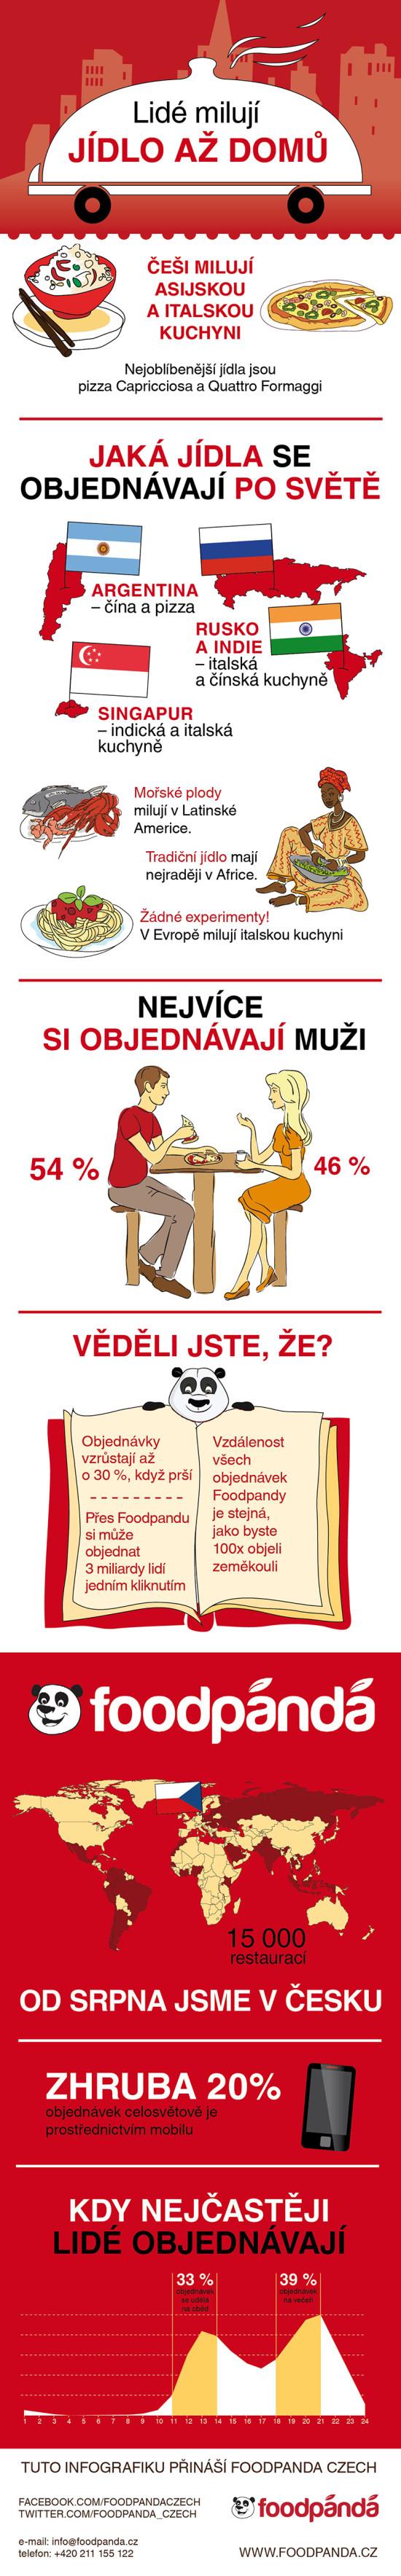 Lidé milují jídlo až domů - infografika